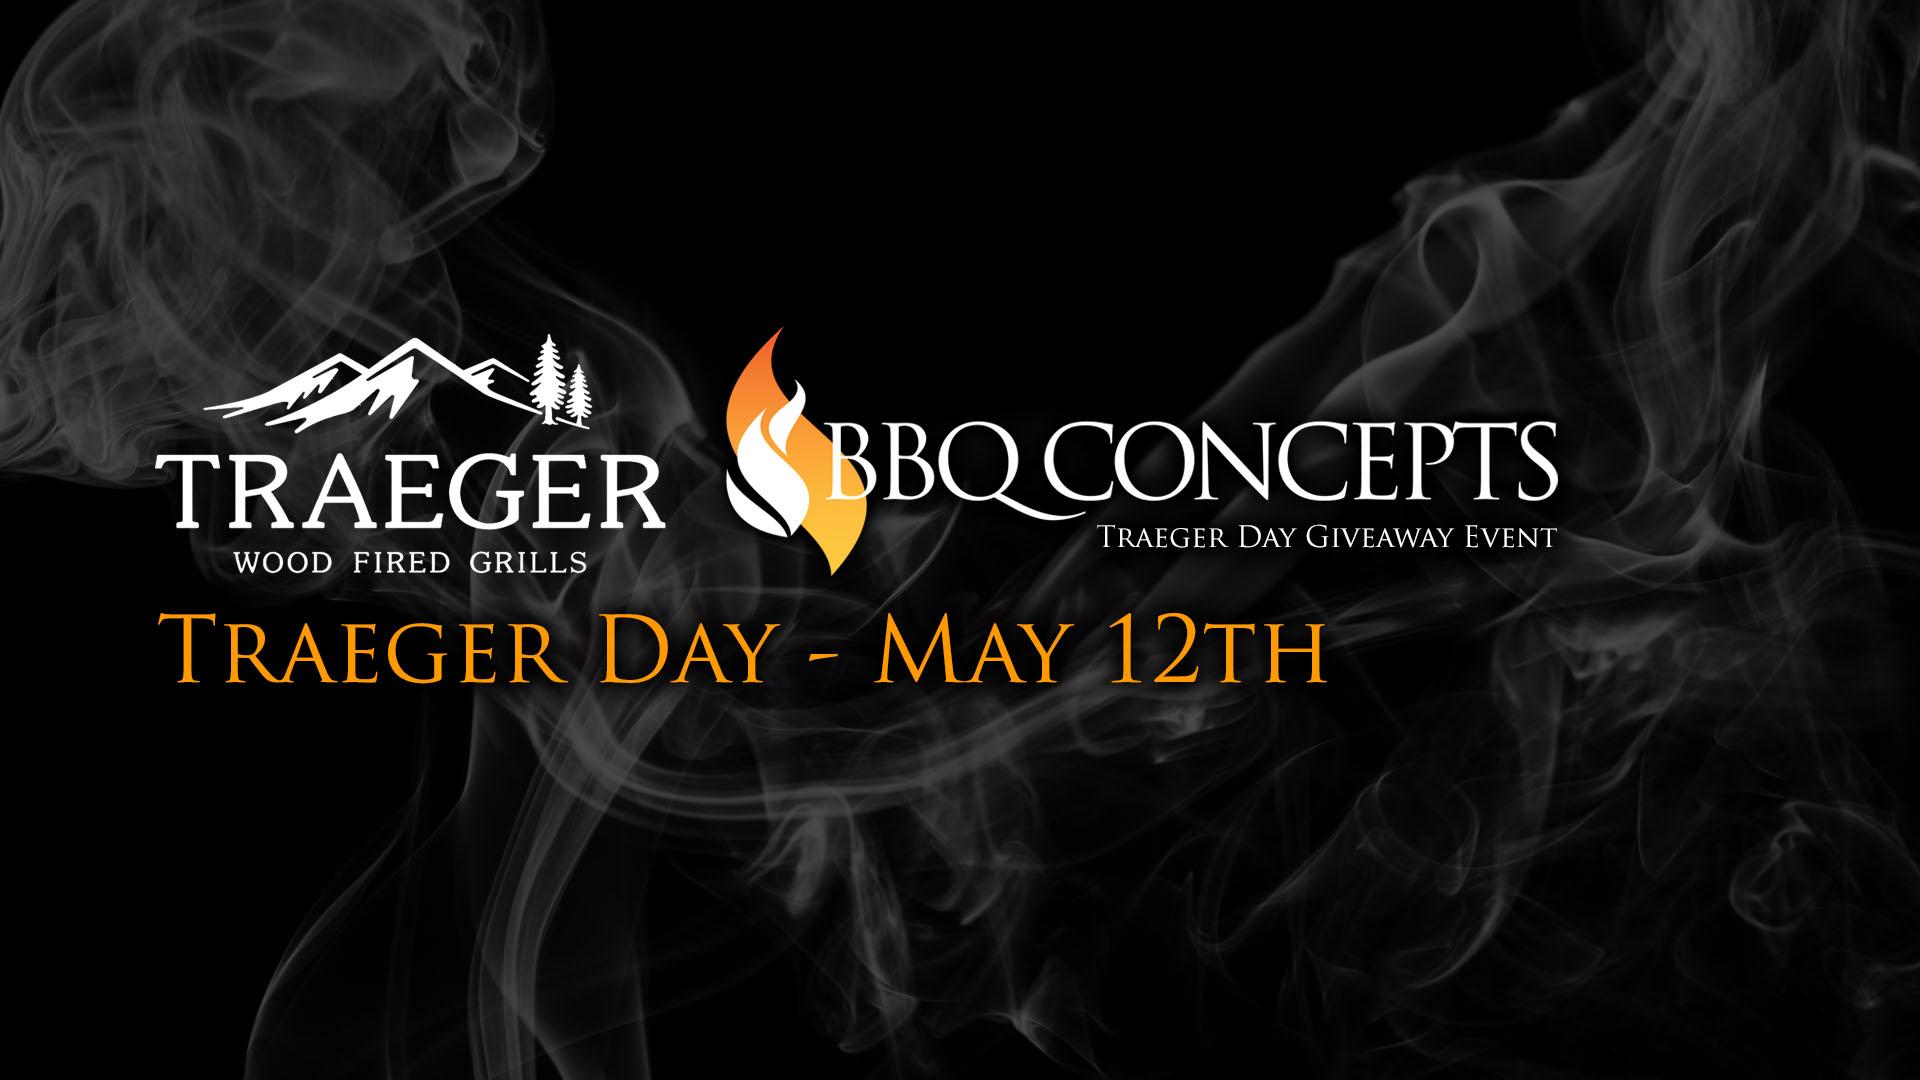 Traeger Day at BBQ Concepts of Las Vegas, Nevada - Saturday, May 12th 2018